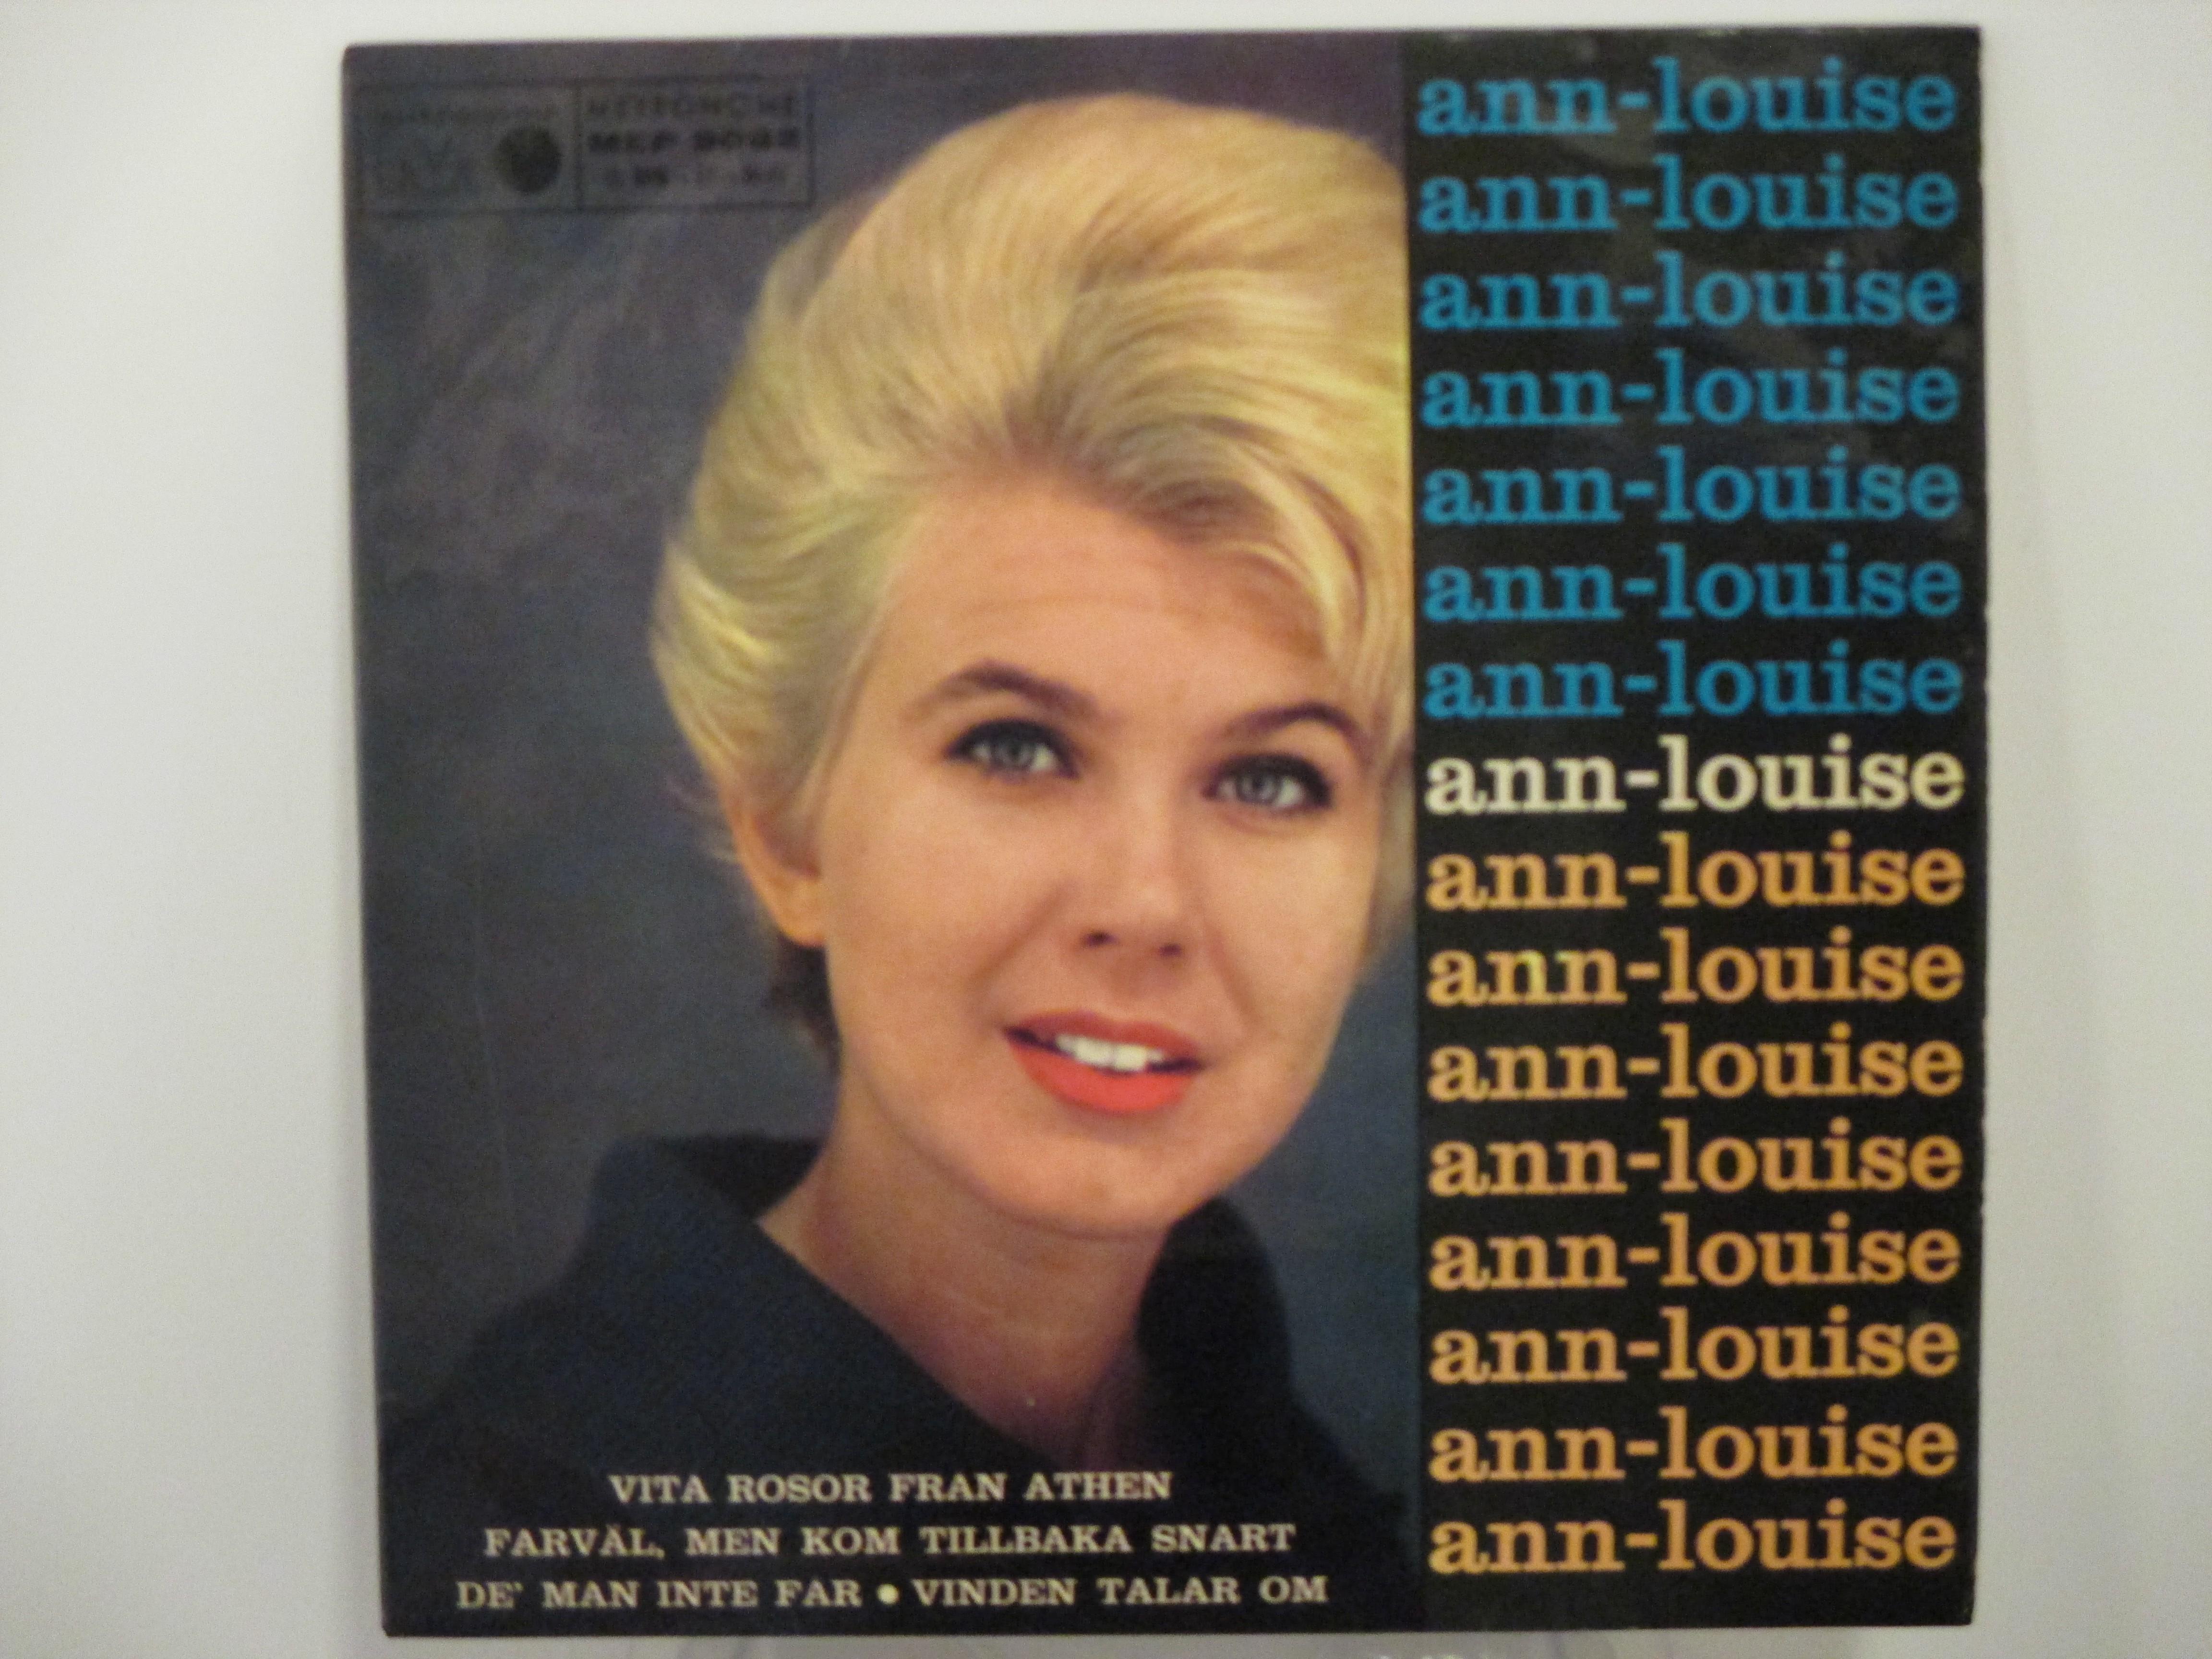 ANN-LOUISE HANSON : (EP) Vita rosor från Athen / Farväl, men kom tillbaka snart / De' man inte får / Vinden talar om